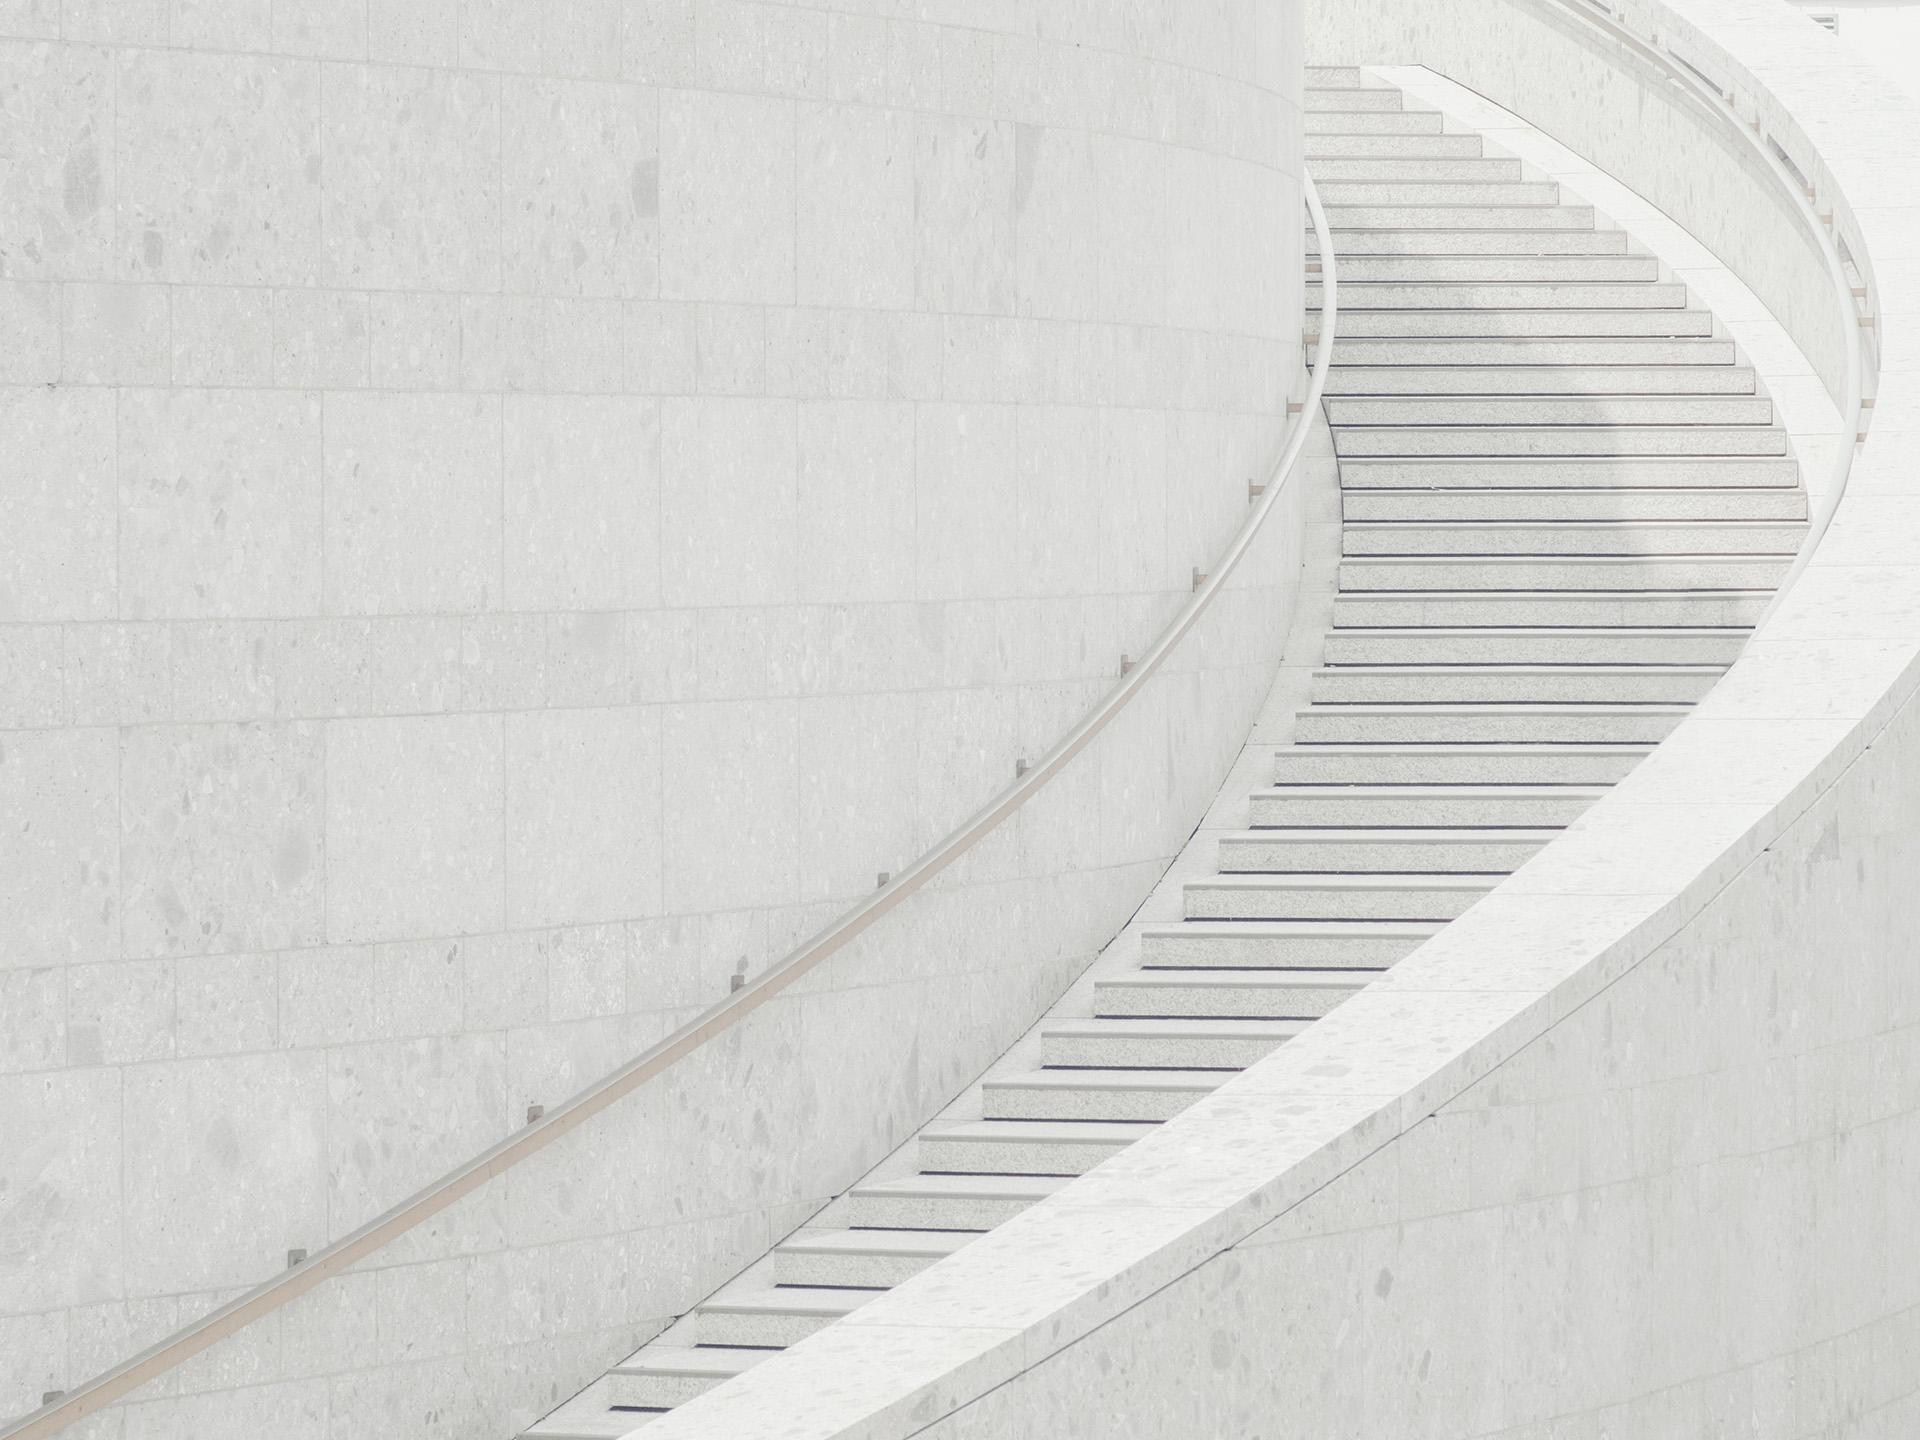 schody w tle